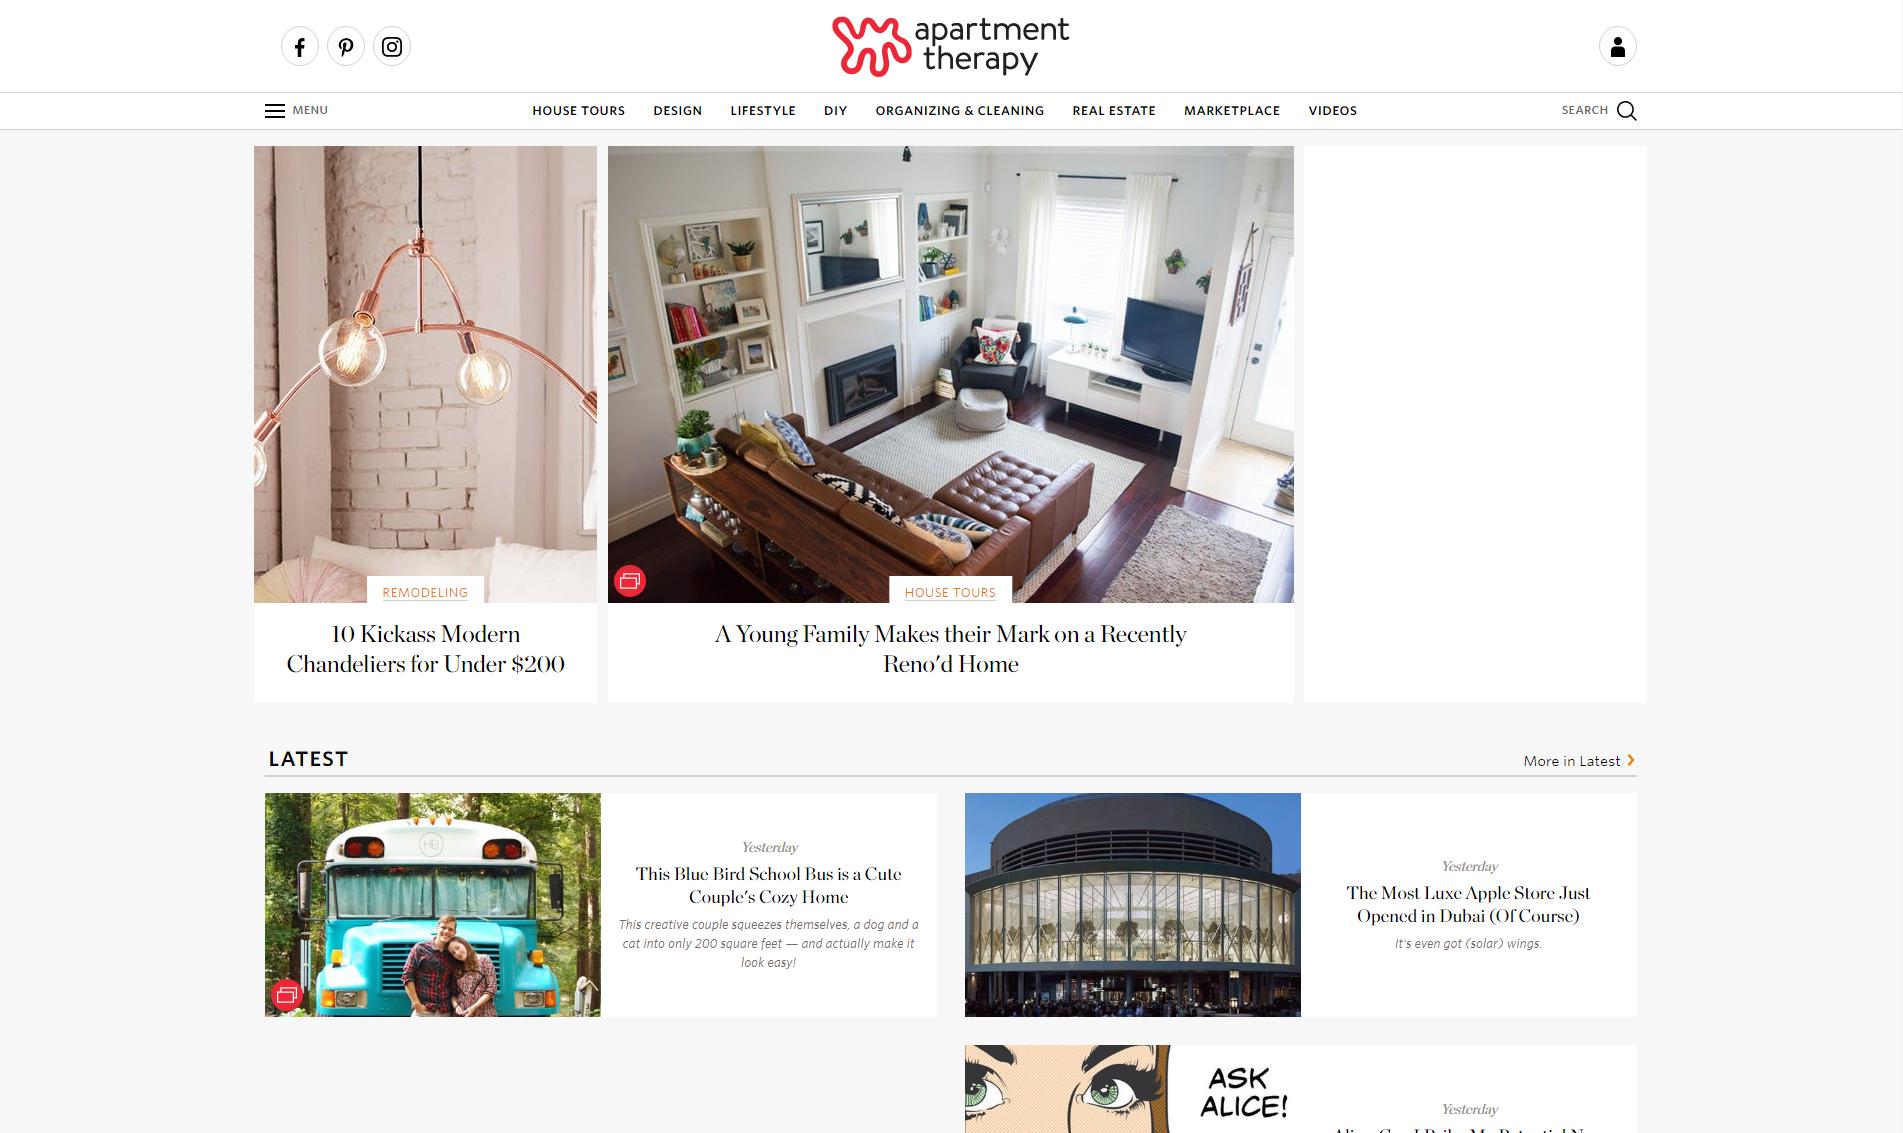 apartmenttherapy.com donne des inspirations pour un ameublement agréable